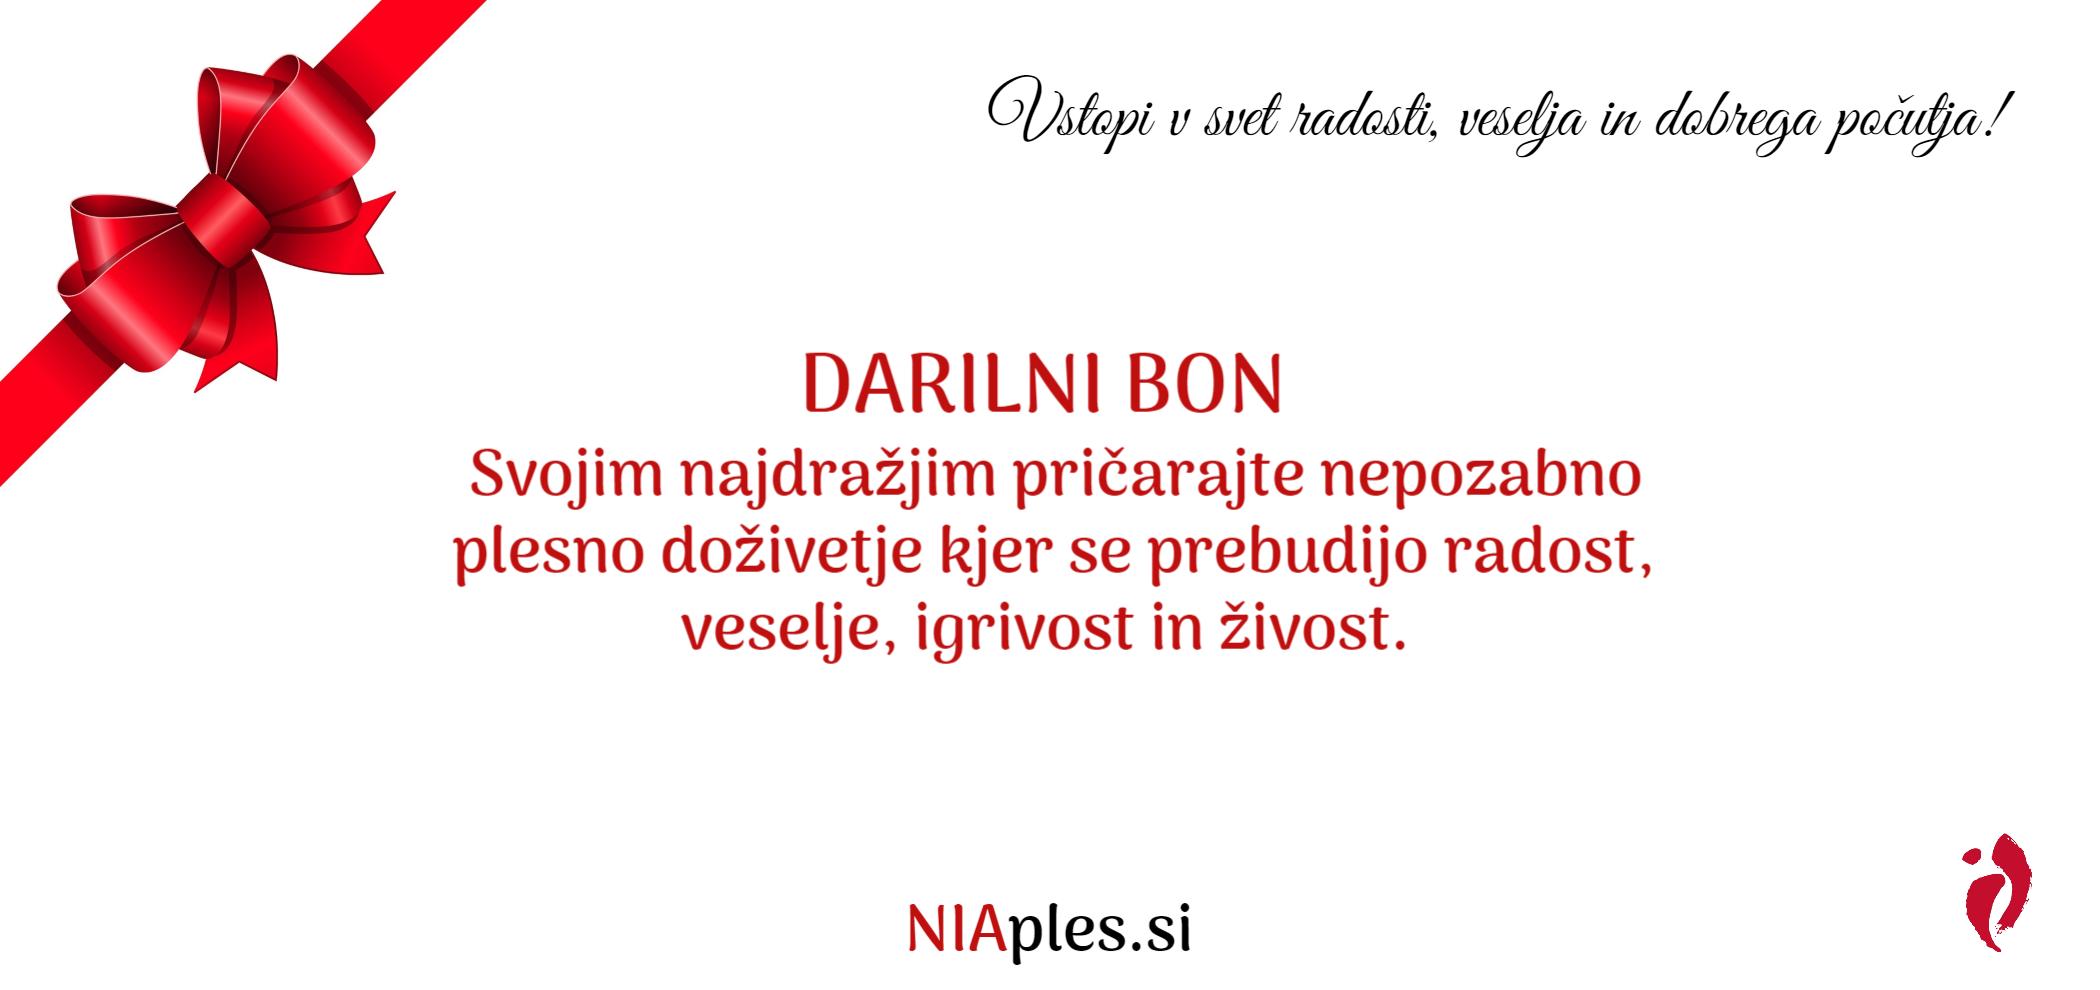 Darilni_bon_0